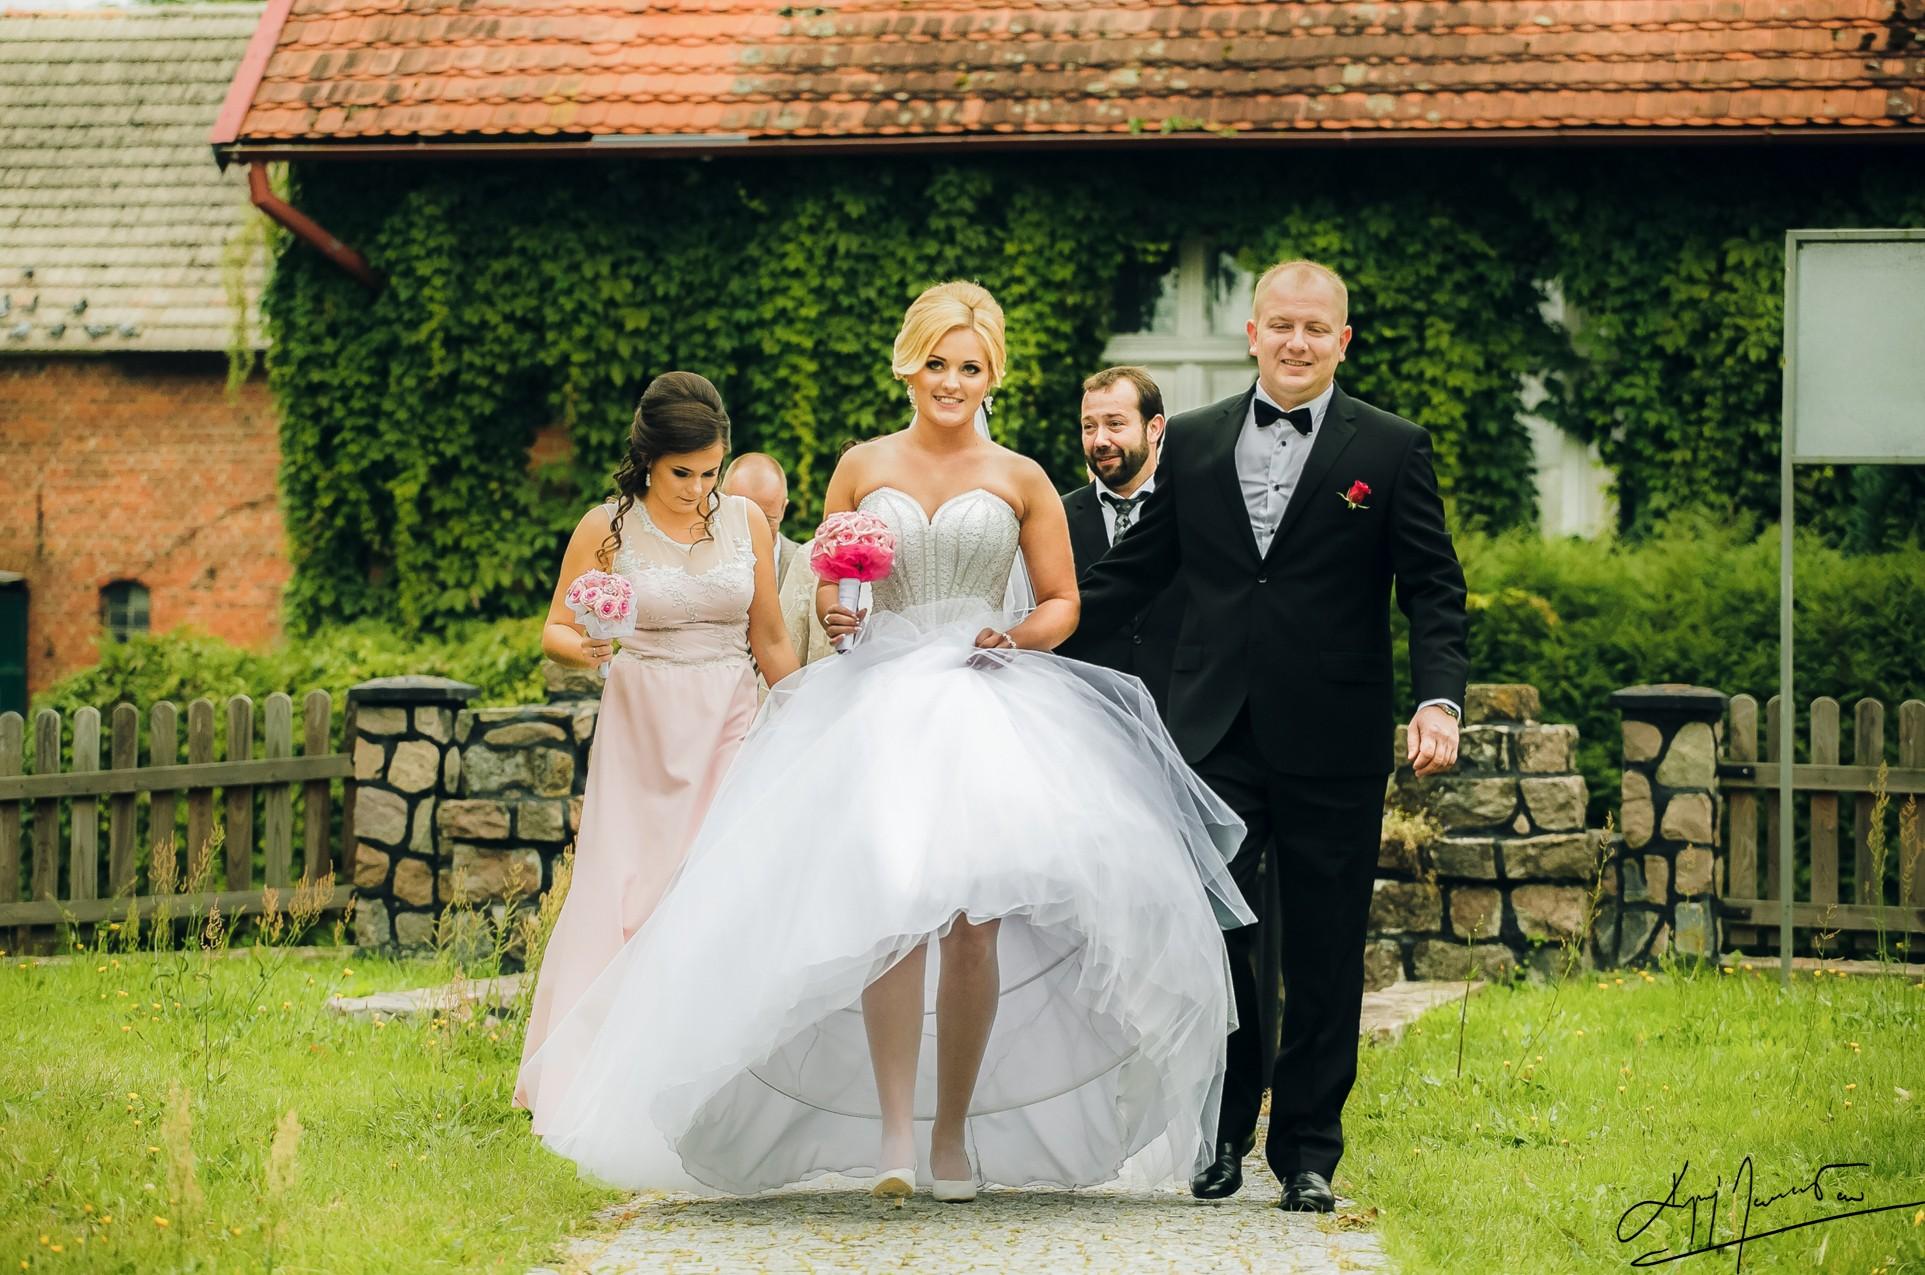 fotograf bytów 22 Kamila & Marcin